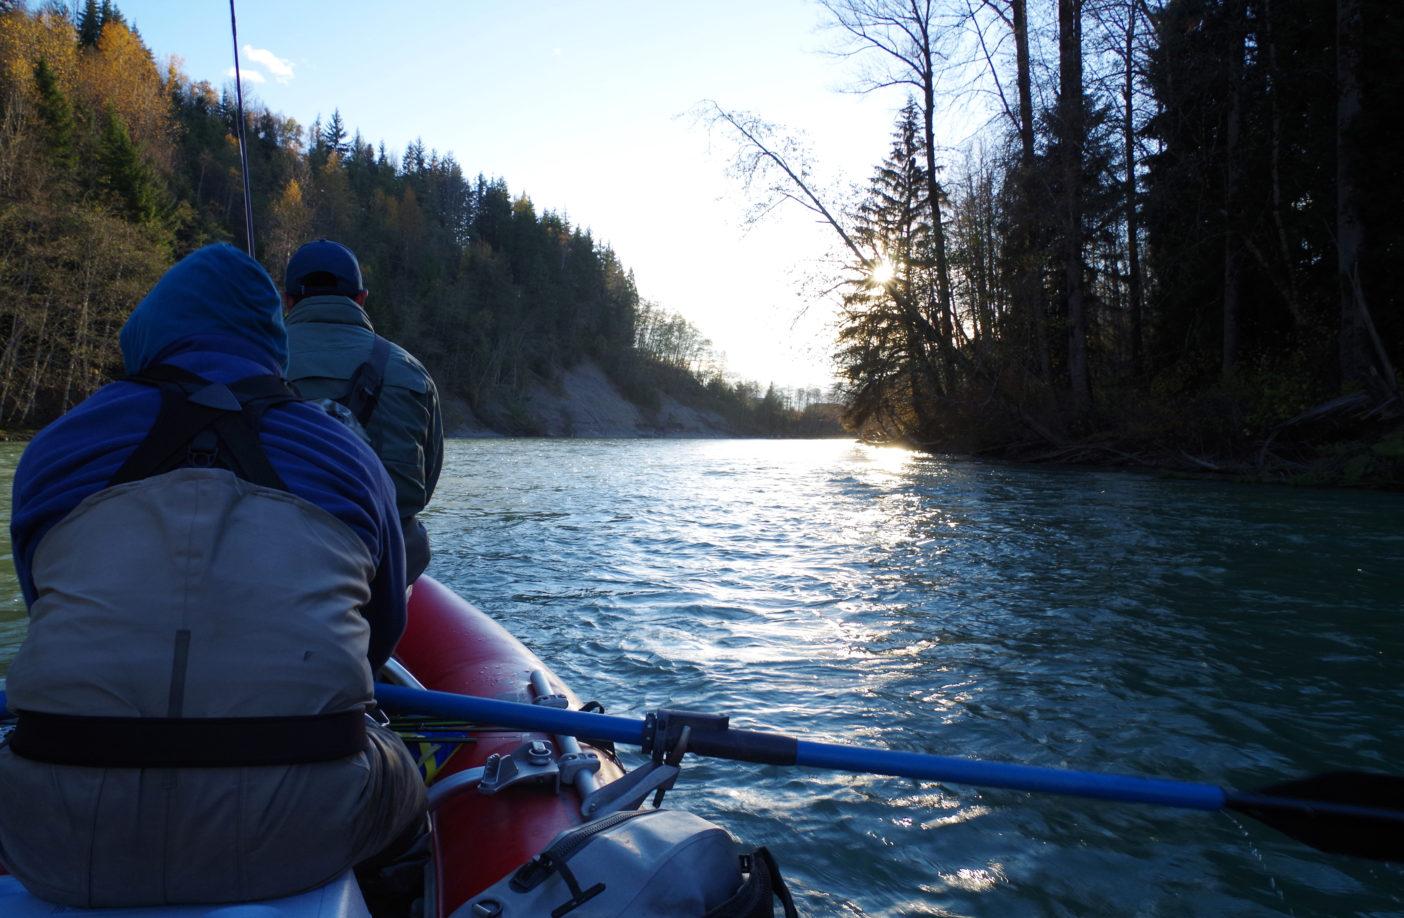 ラフトでケイラム川を下りながらポイントを目指す。写真:足立信正